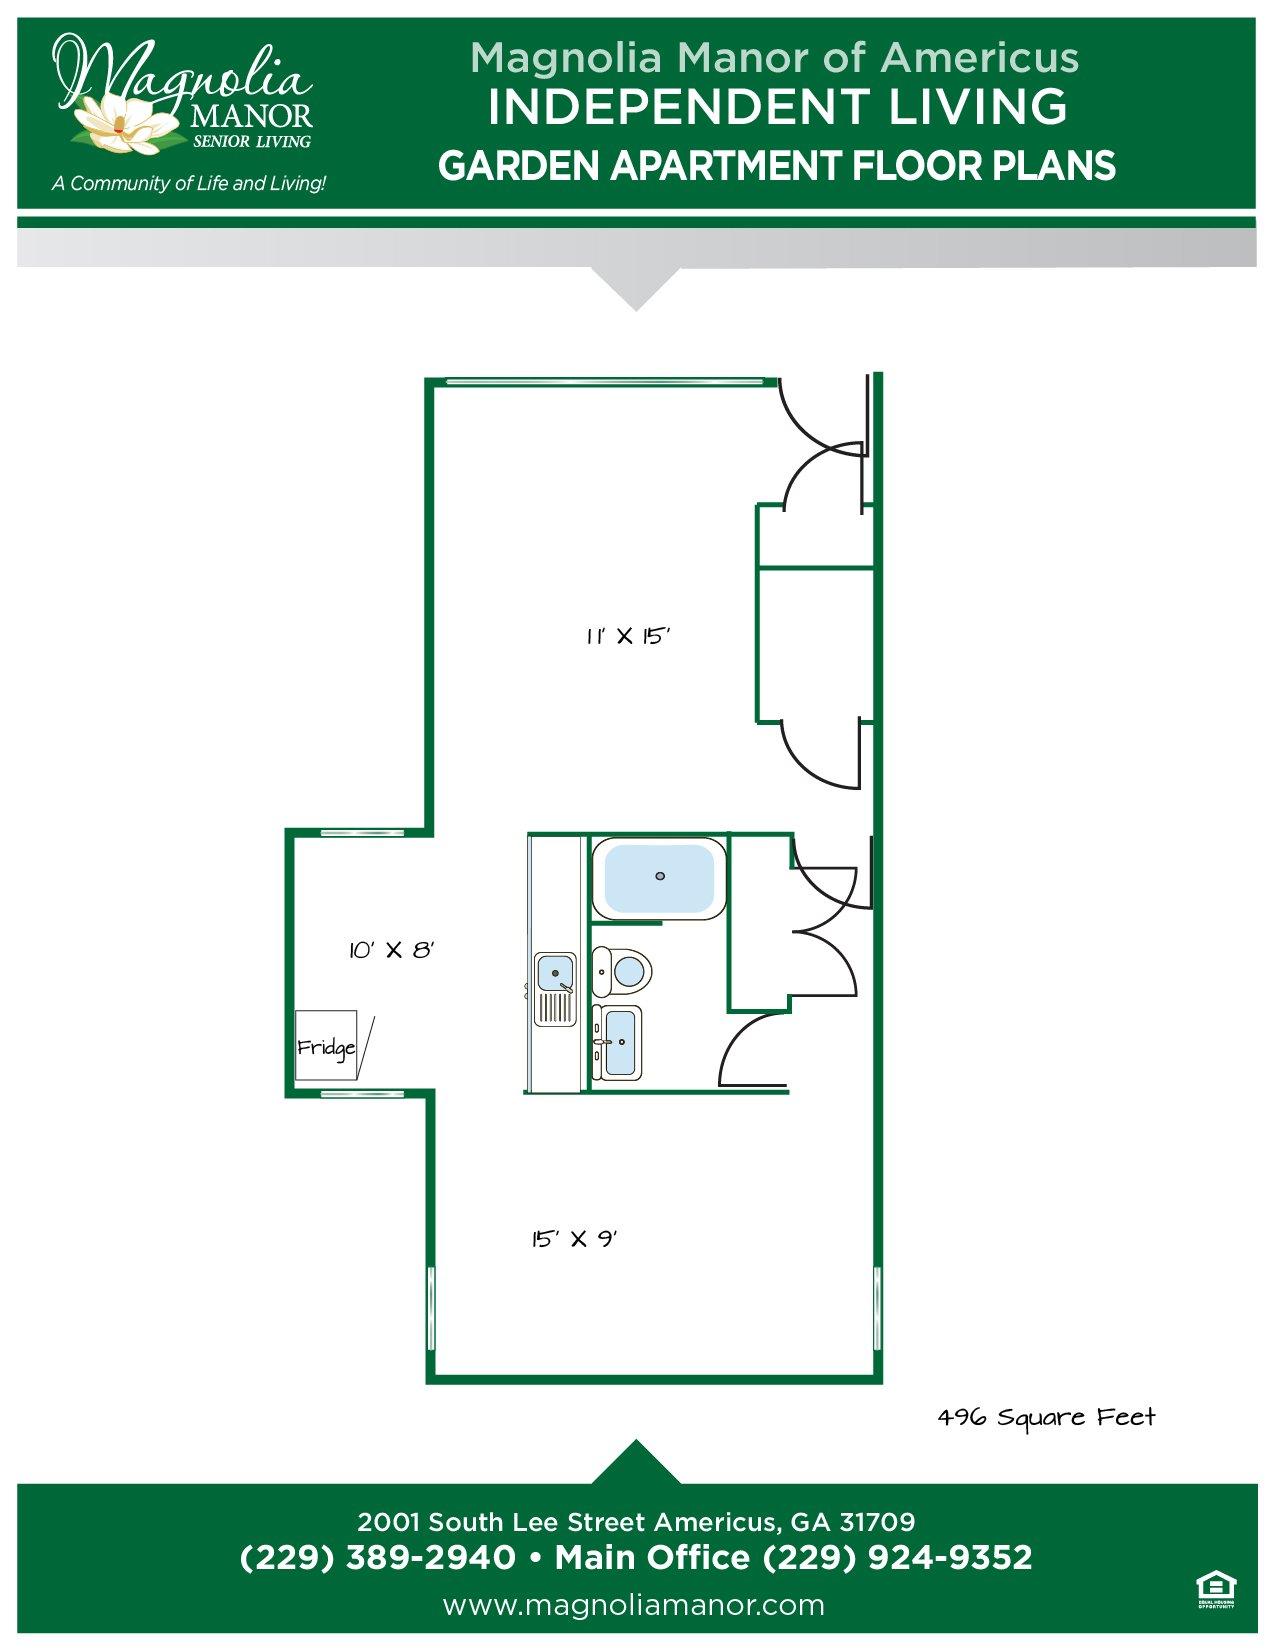 00344 AMERICUS Floor Plan Garden Apart-01